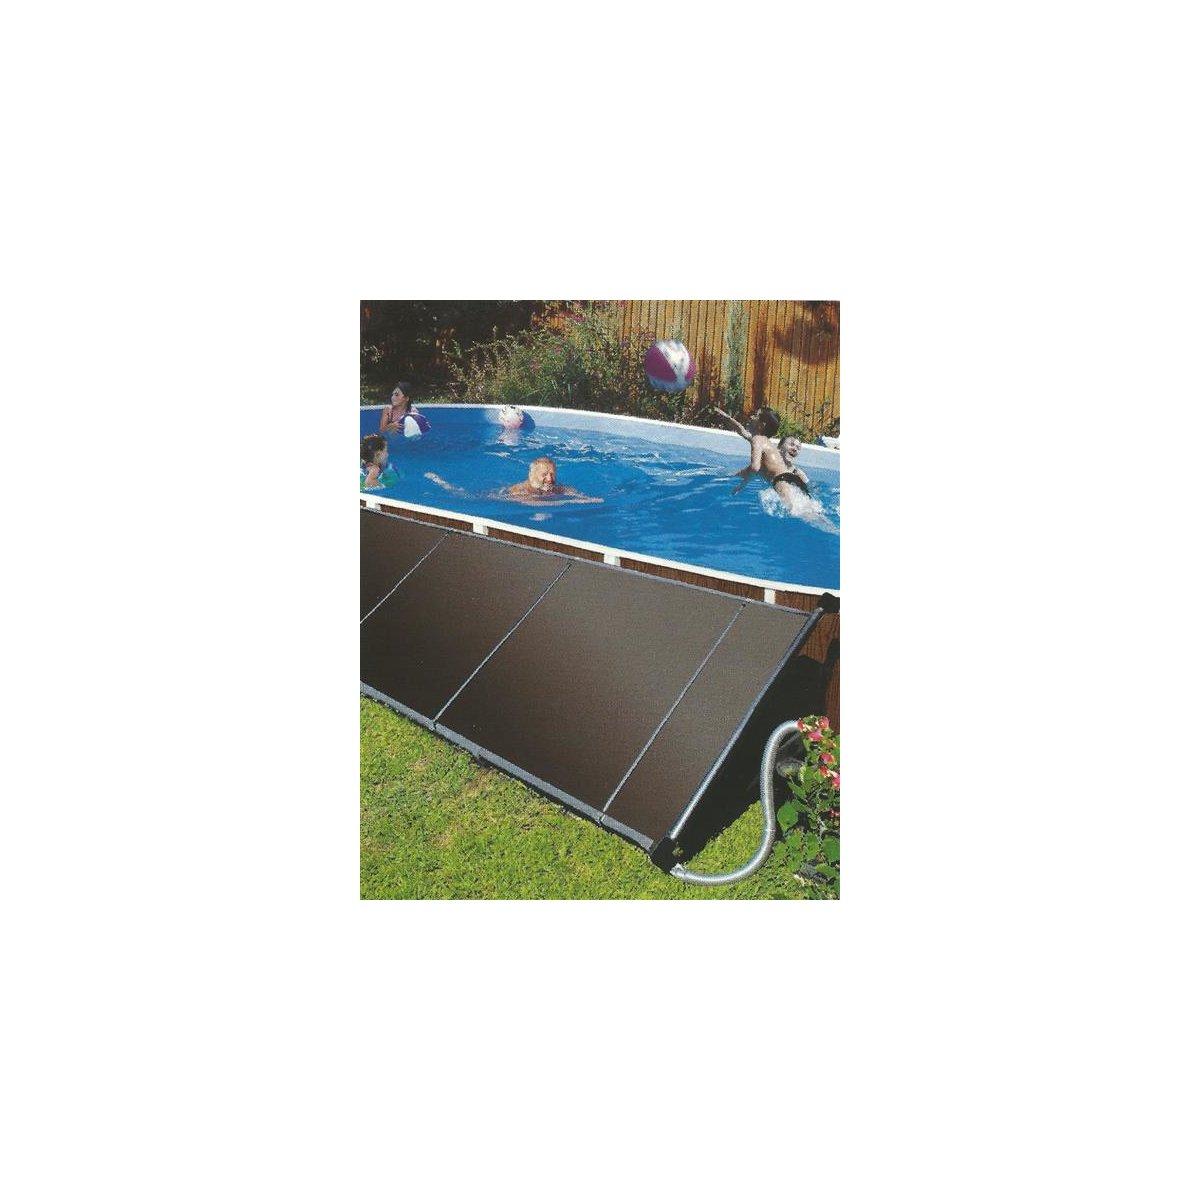 Solar absorber eco set 199 00 for Gunstige poolsets